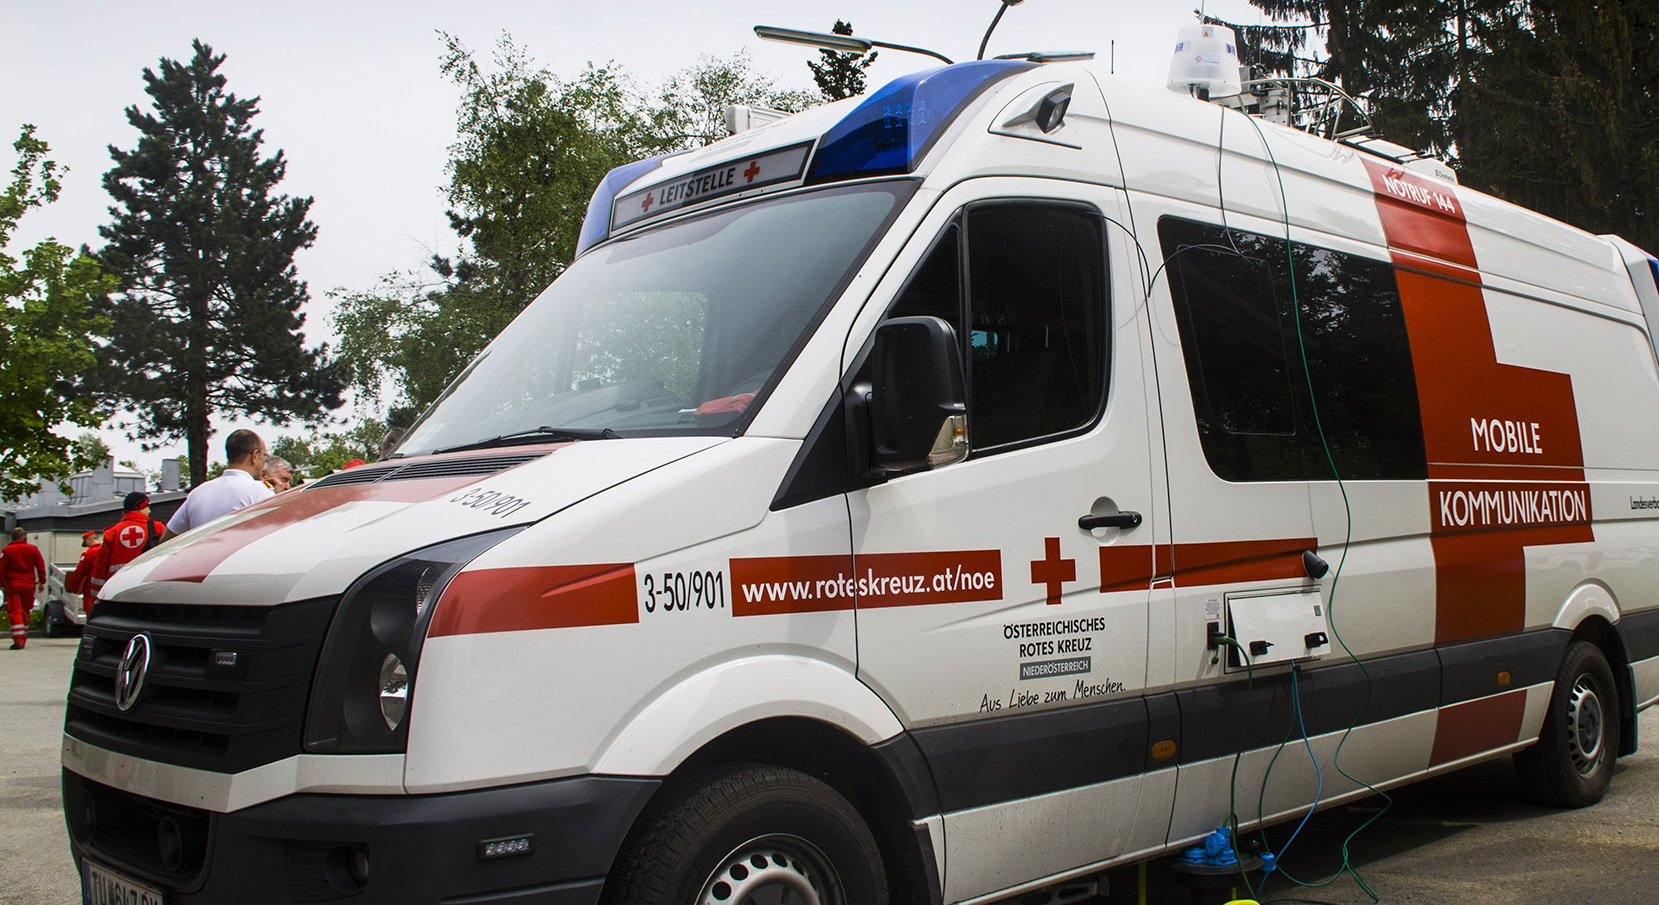 Mobile Broadband Extender auf Leitstellenfahrzeug des Österreichischen Roten Kreuz bei der Bundesrettungsübung 2015 in Allentsteig.